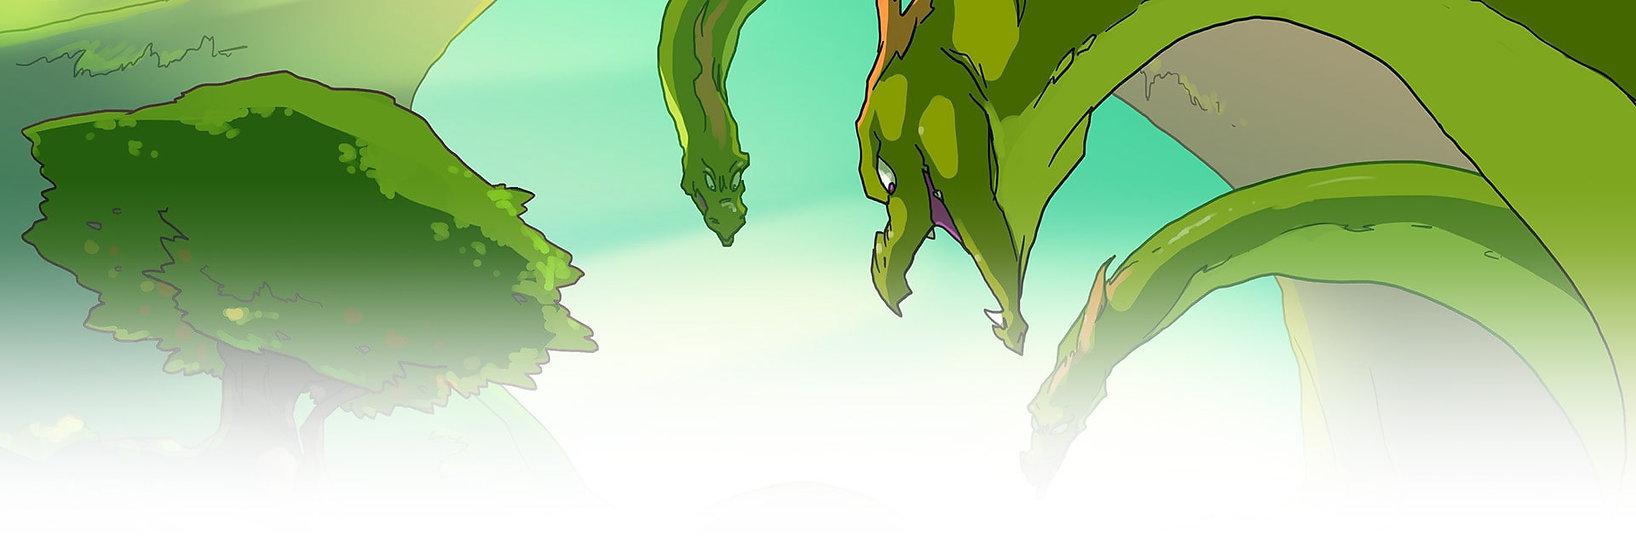 dragons manga antik panic Ladon 100 tête